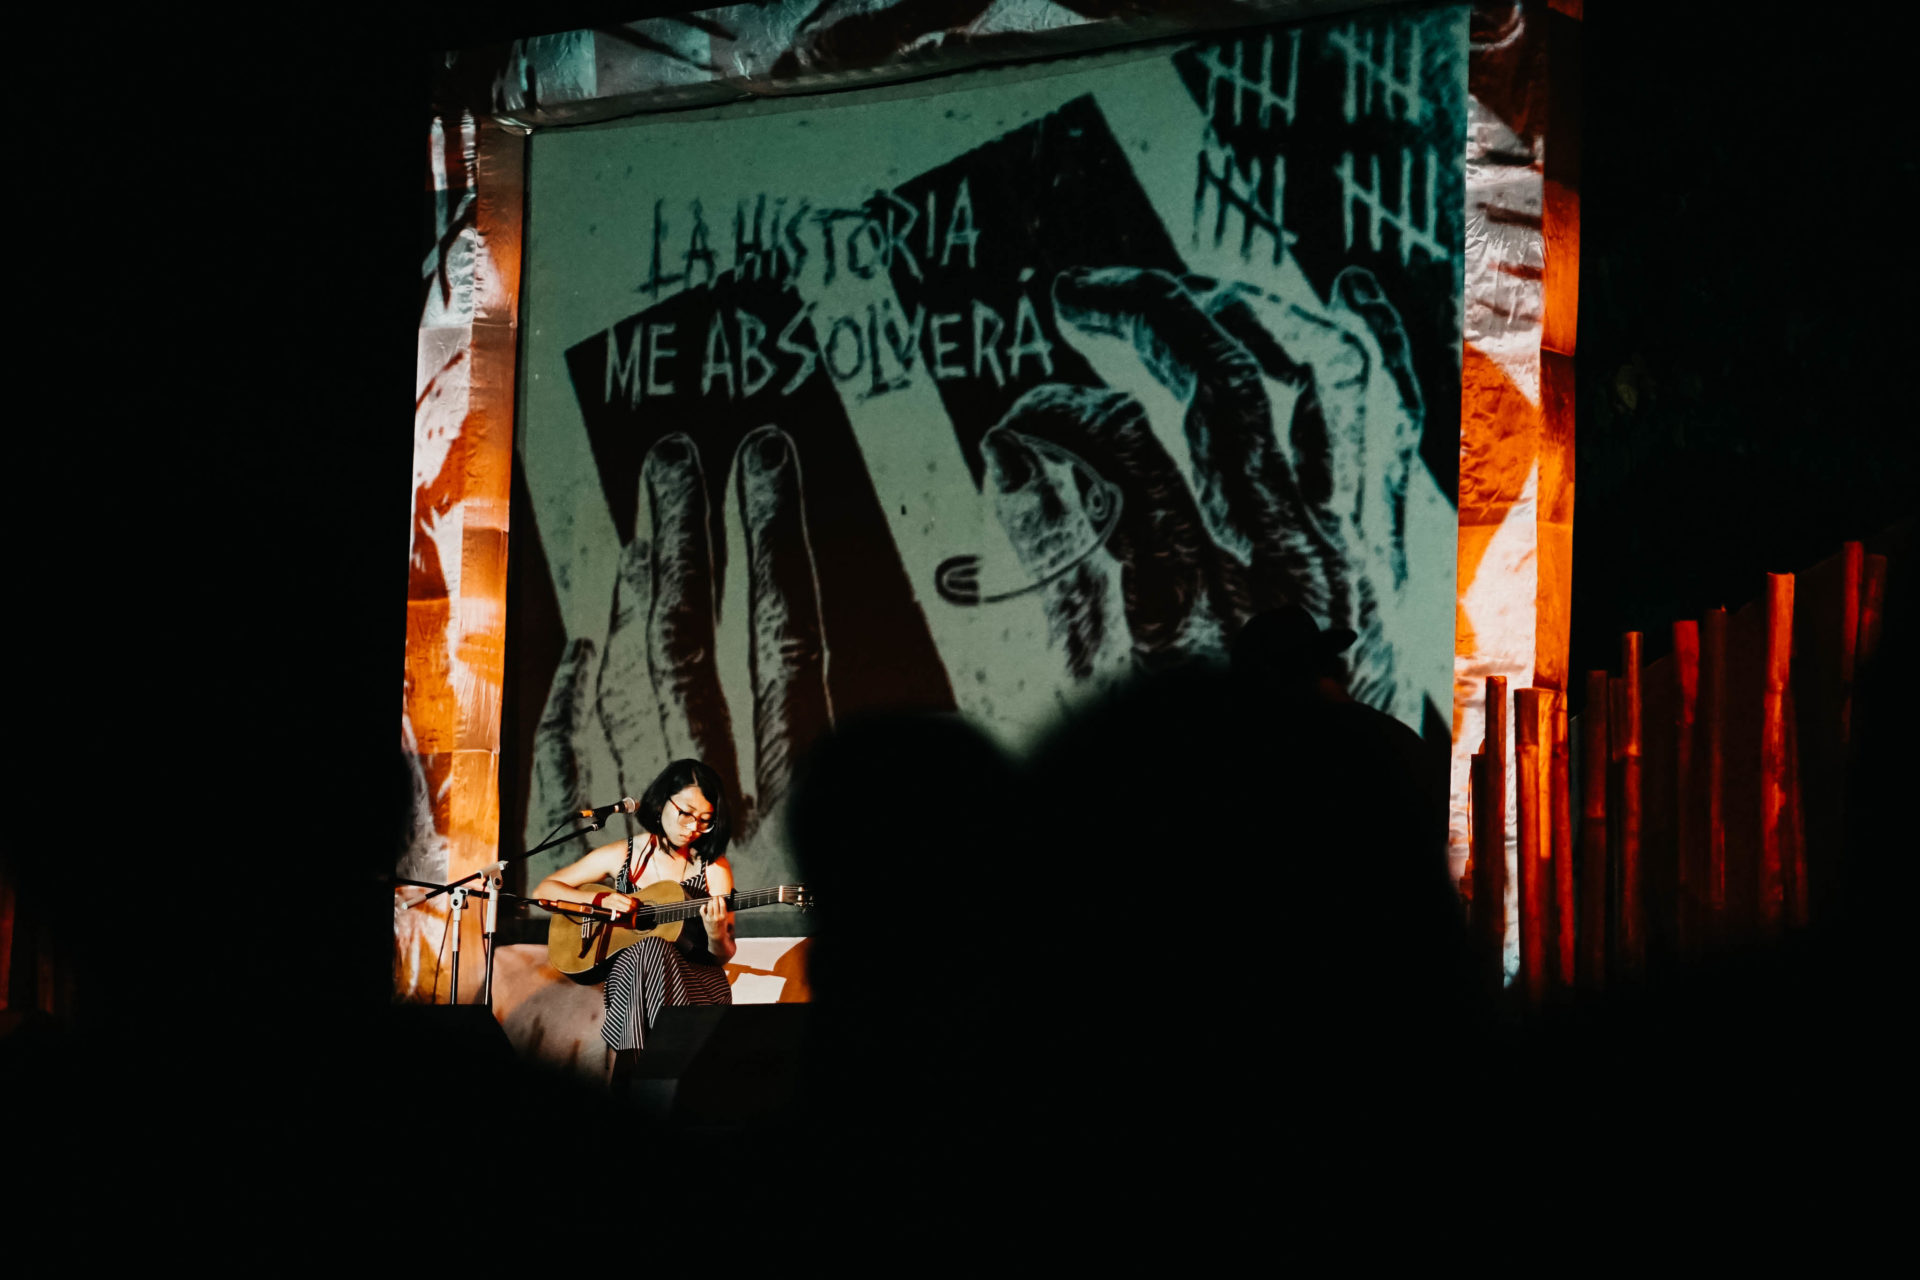 Indonesien Mit Musik Schweigen brechen